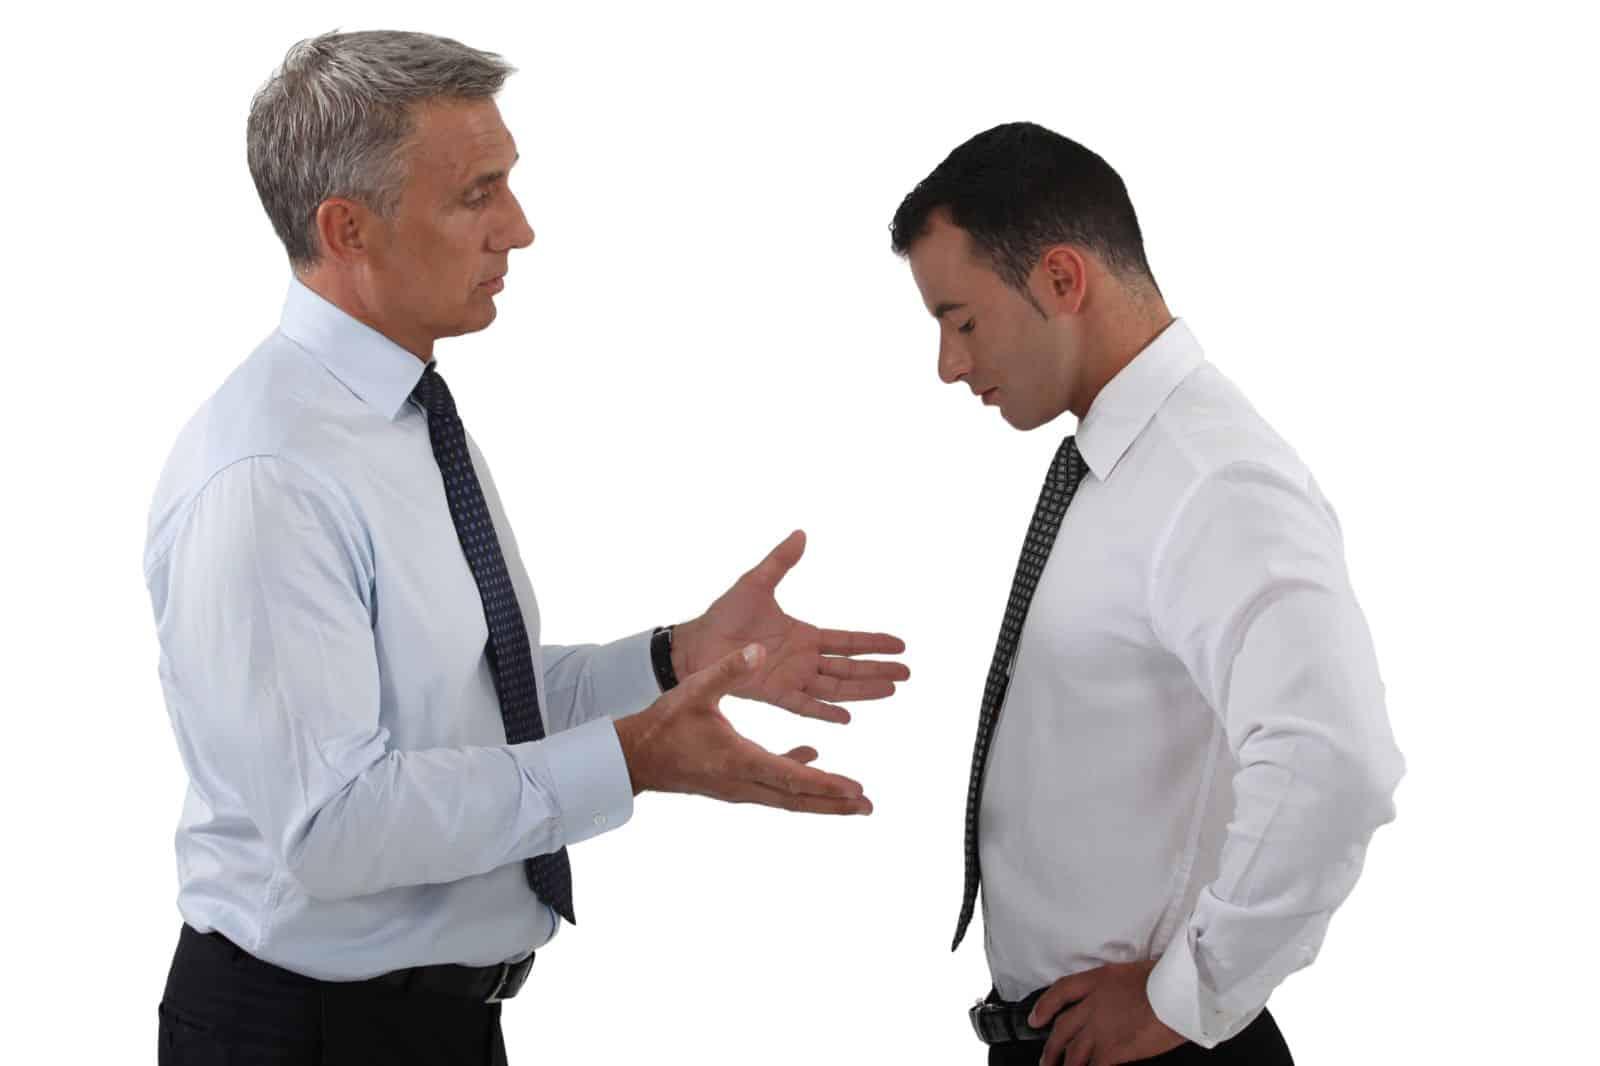 Выговор как дисциплинарное взыскание — когда и как его применять?